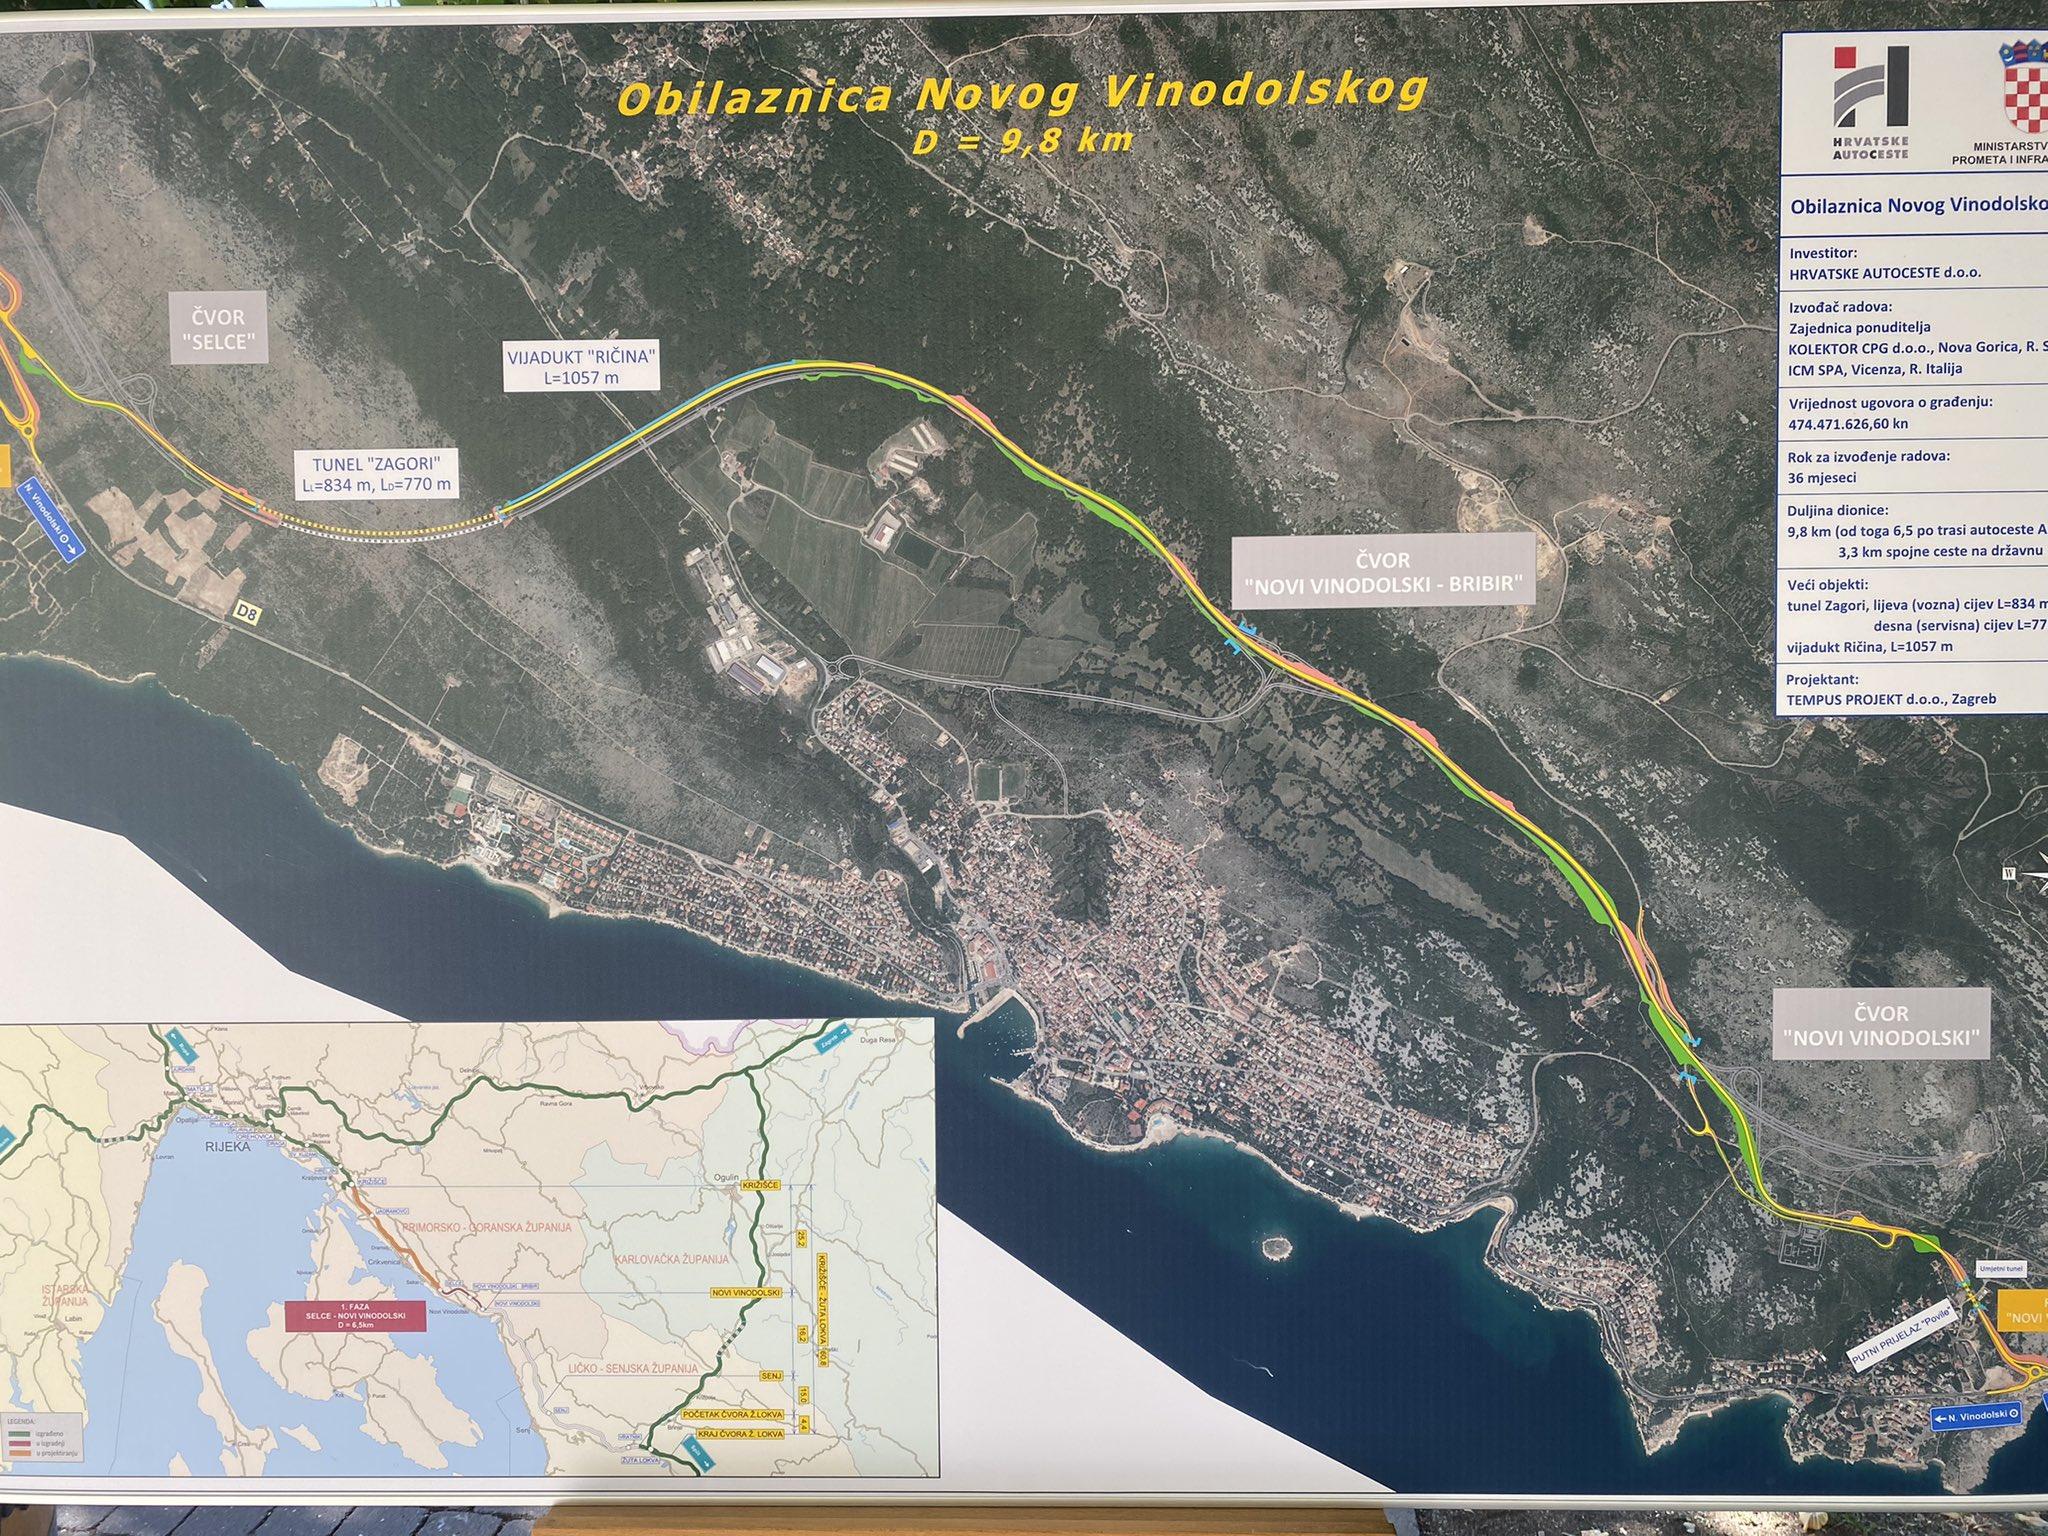 Potpisan ugovor za izgradnju prve dionice autoceste A7 od 593 milijuna kuna